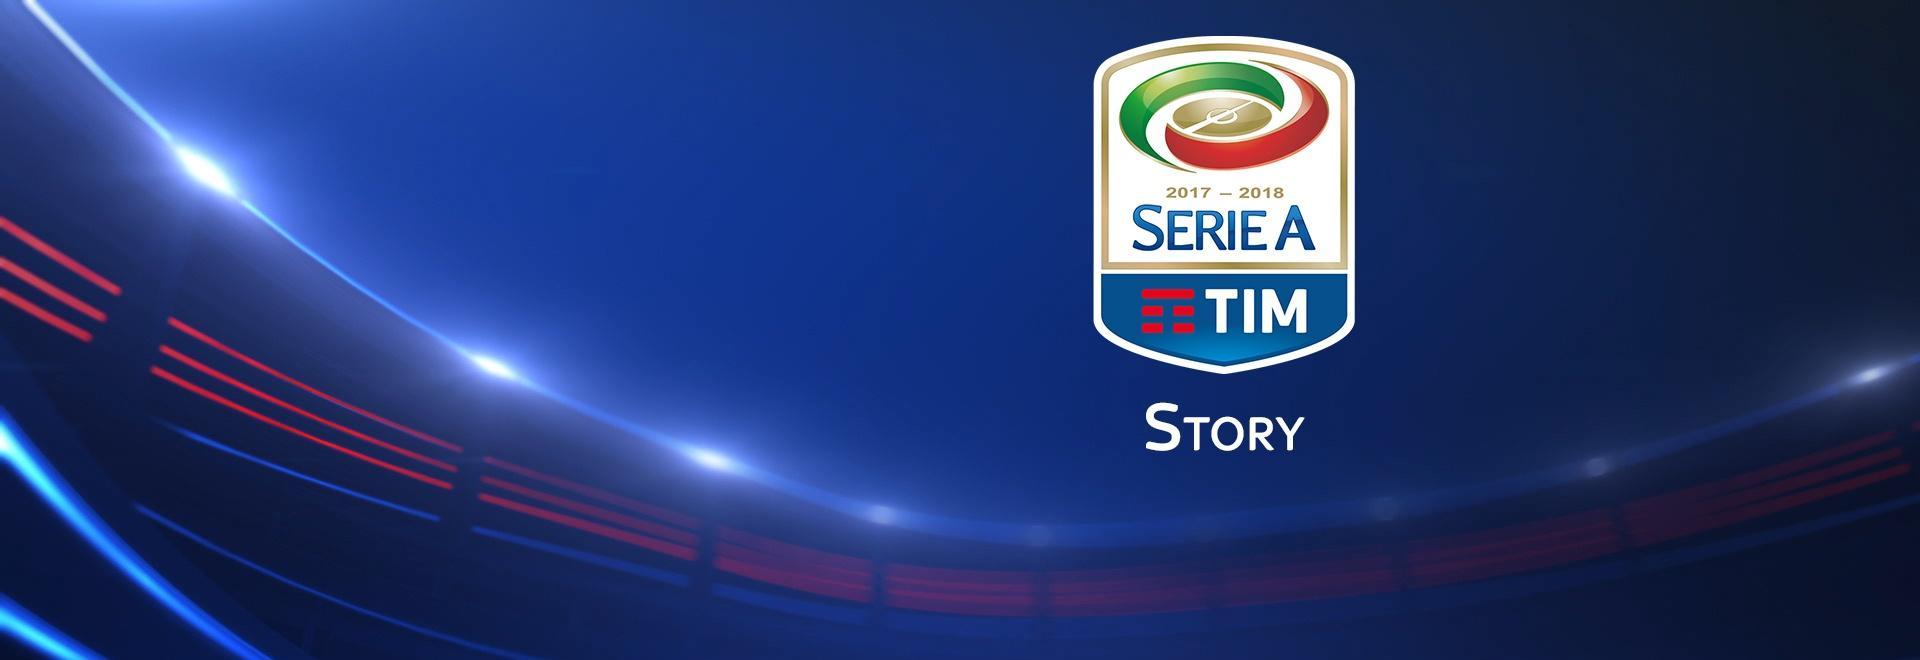 Inter - Napoli 16/04/16